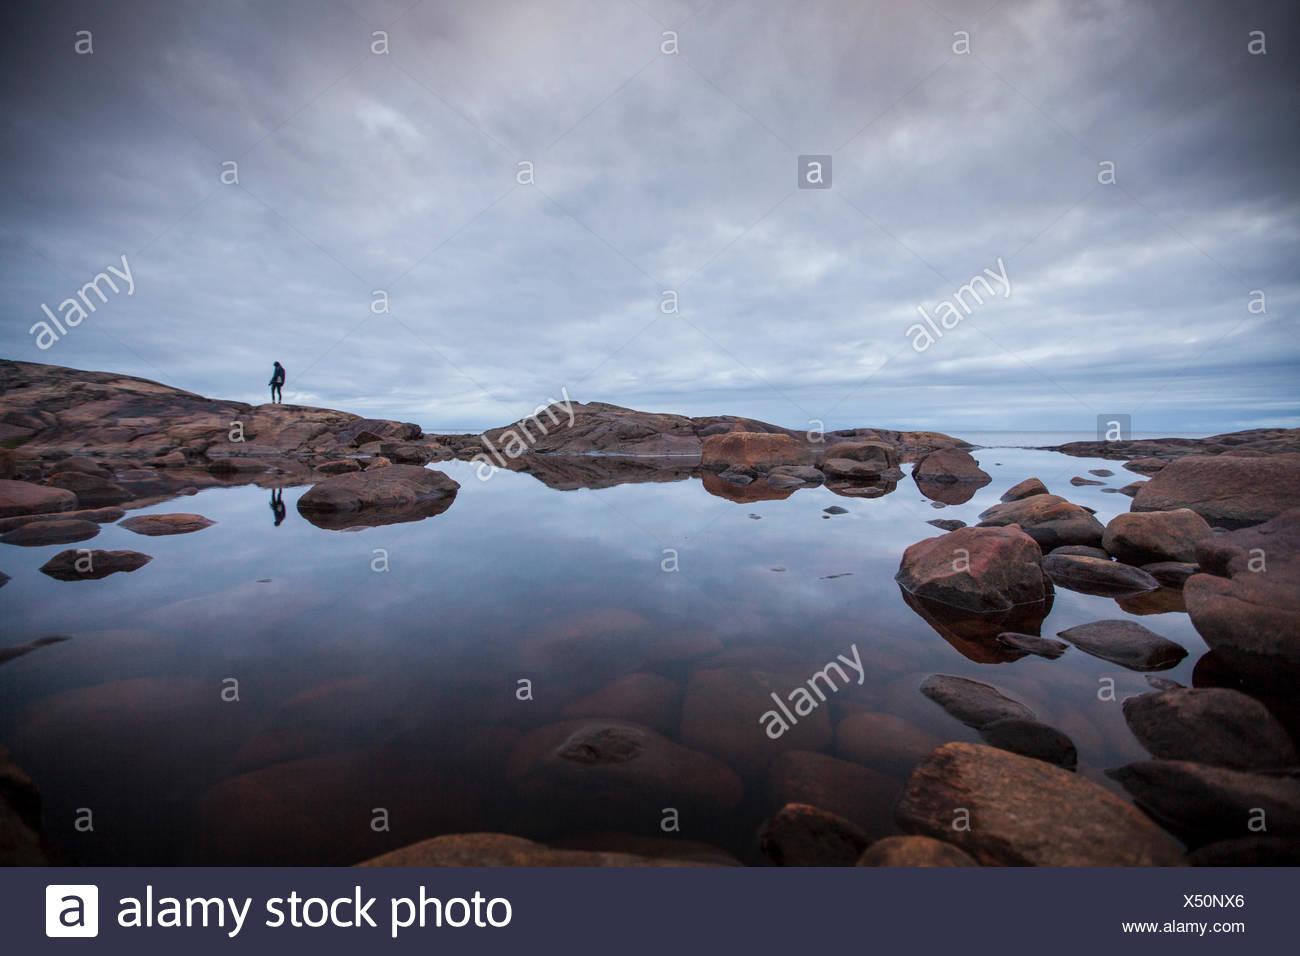 Femme debout par un rocher en mer, piscine Suède Photo Stock